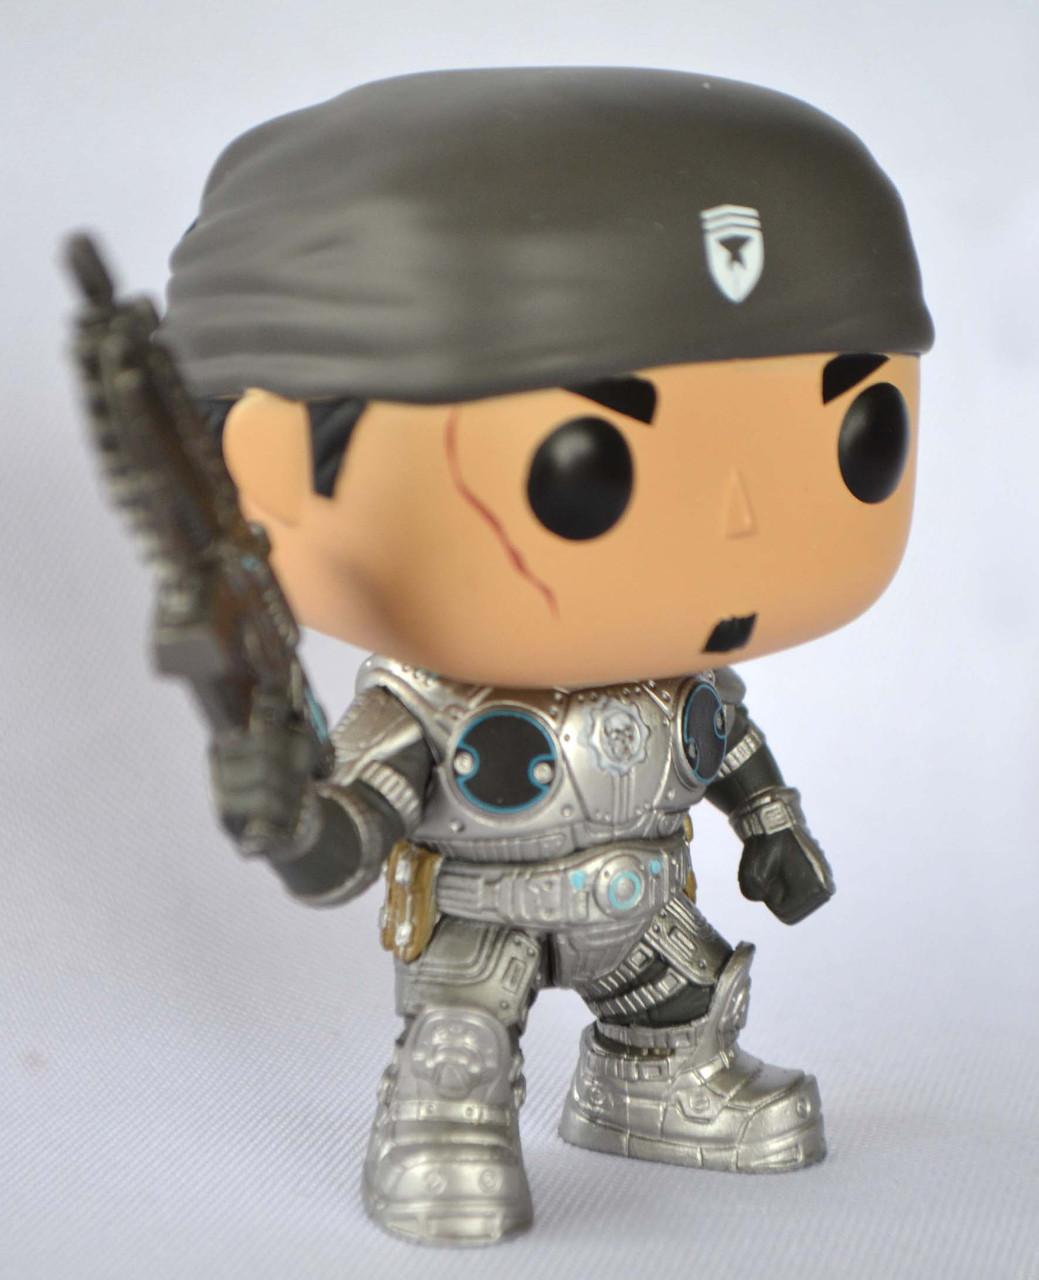 Колекційна фігурка Funko Pop! Gears of War: Marcus Fenix